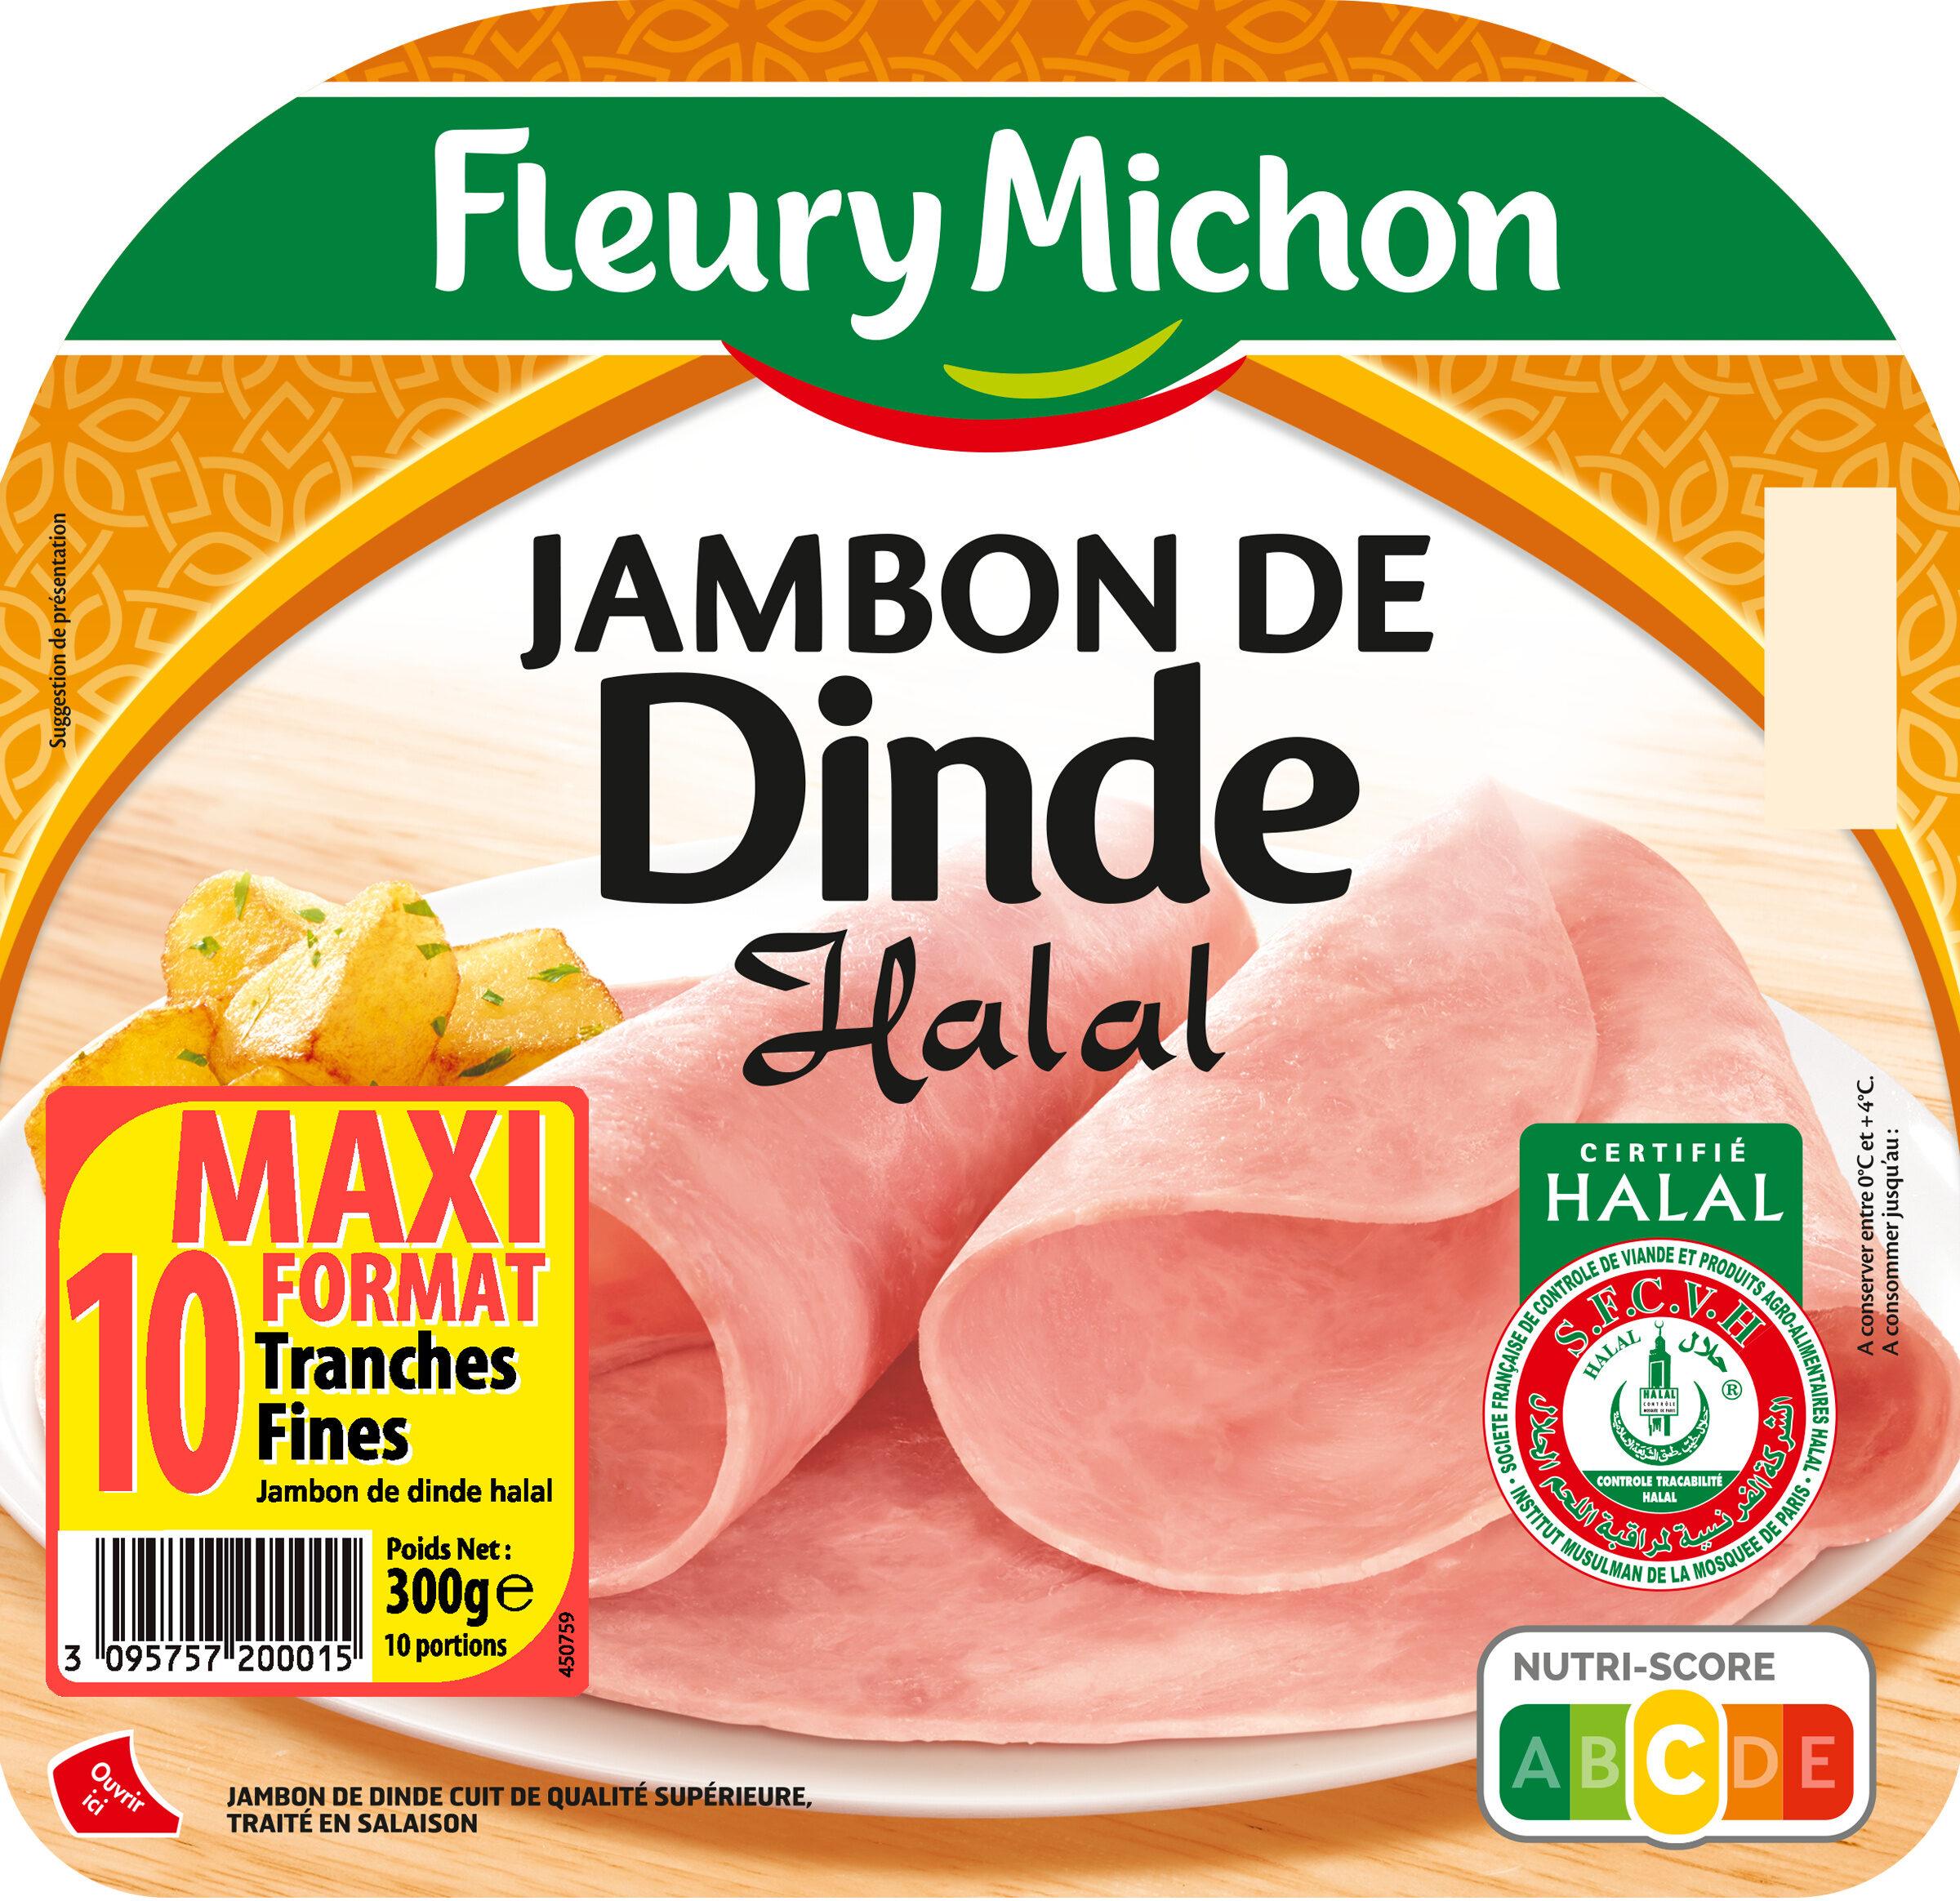 Jambon de dinde Halal - 10 tr. - Produkt - fr